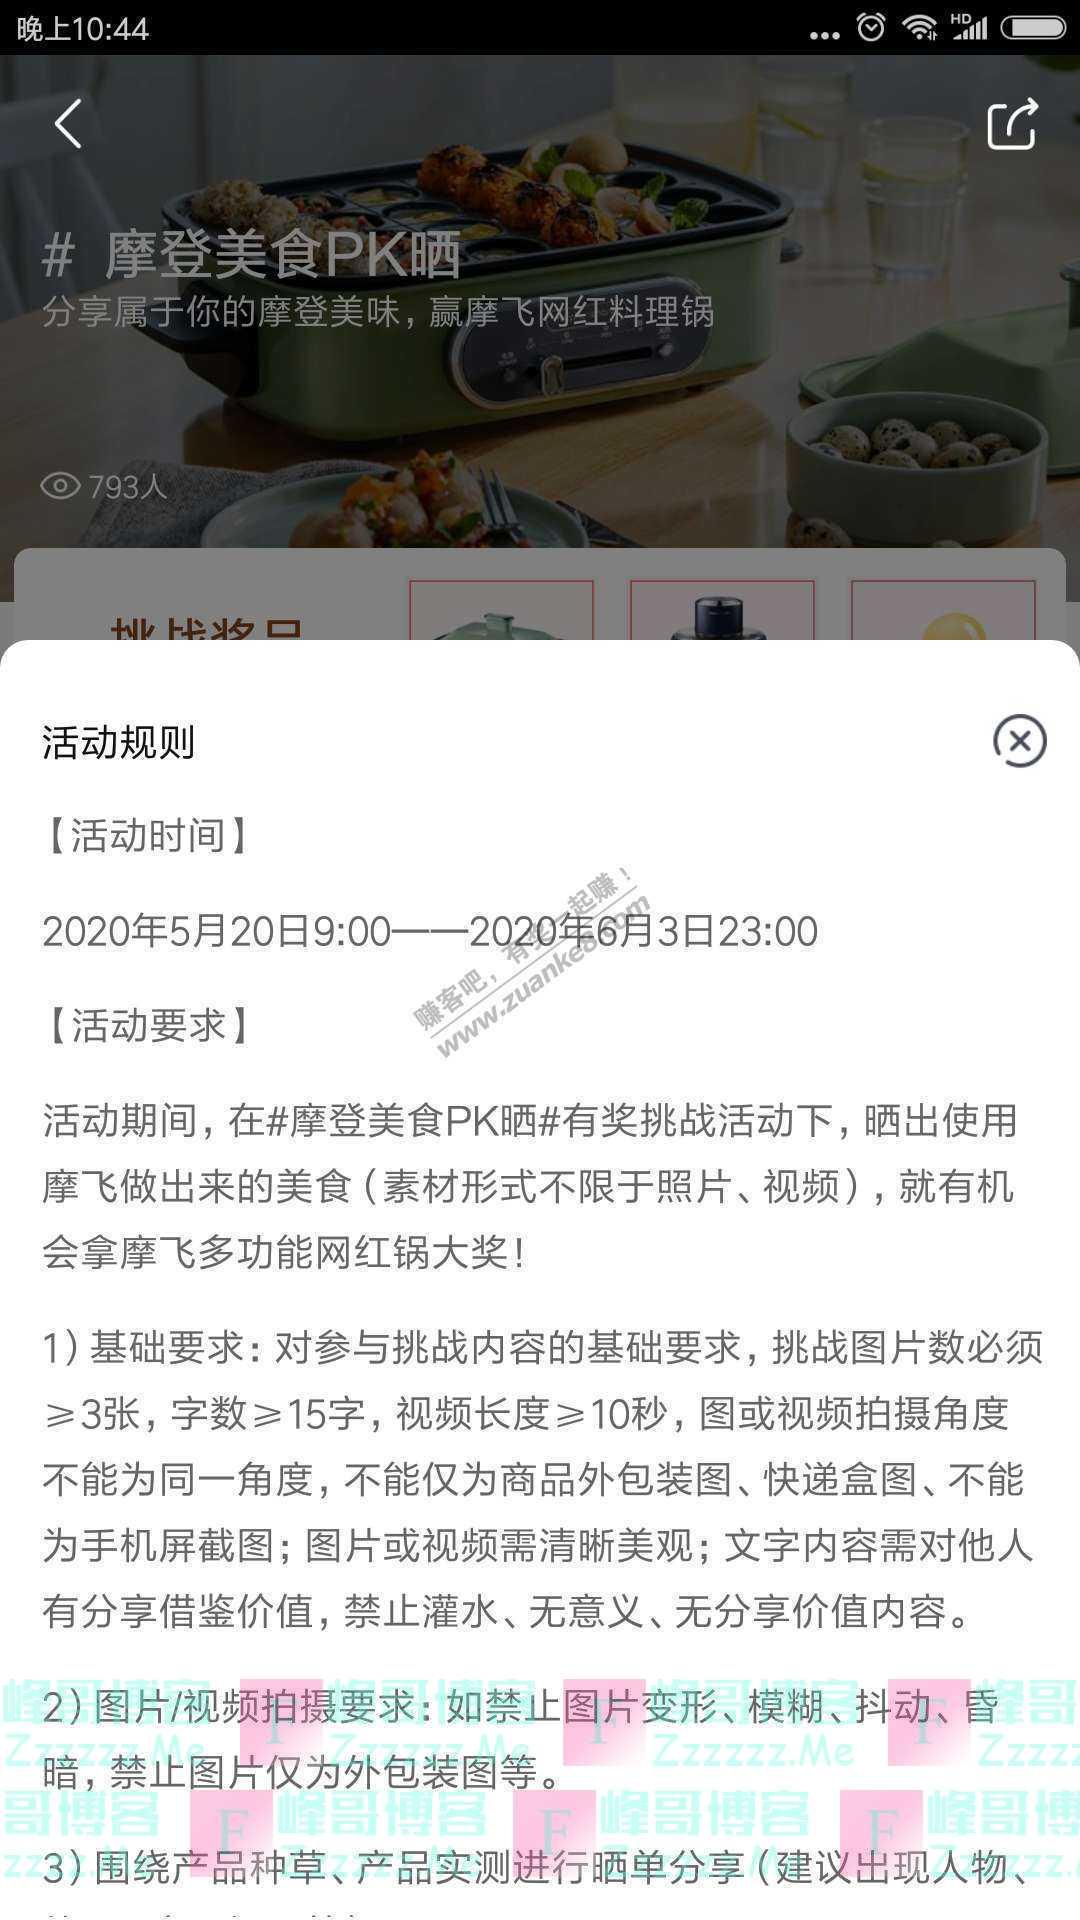 京东摩登美食PK晒(截止6月3日)